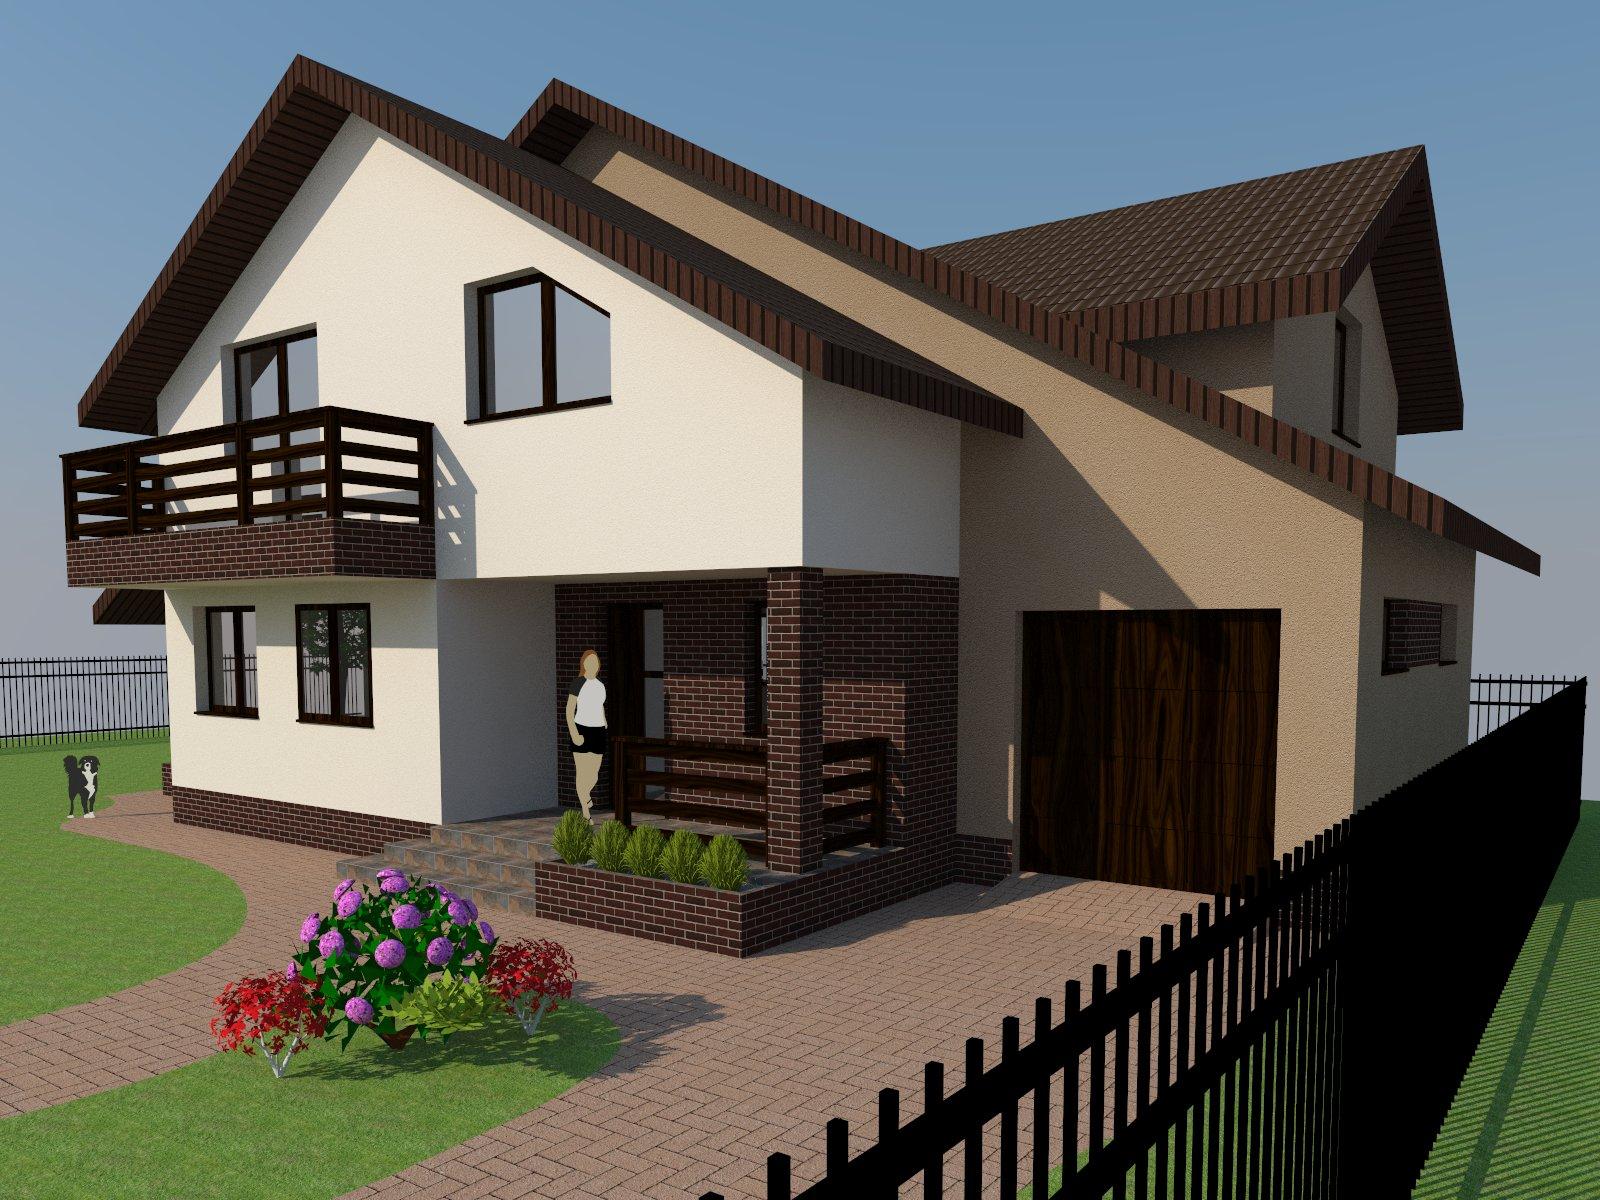 Propunere fatada casa bacau teodora nicodim for Design exterior fatade case